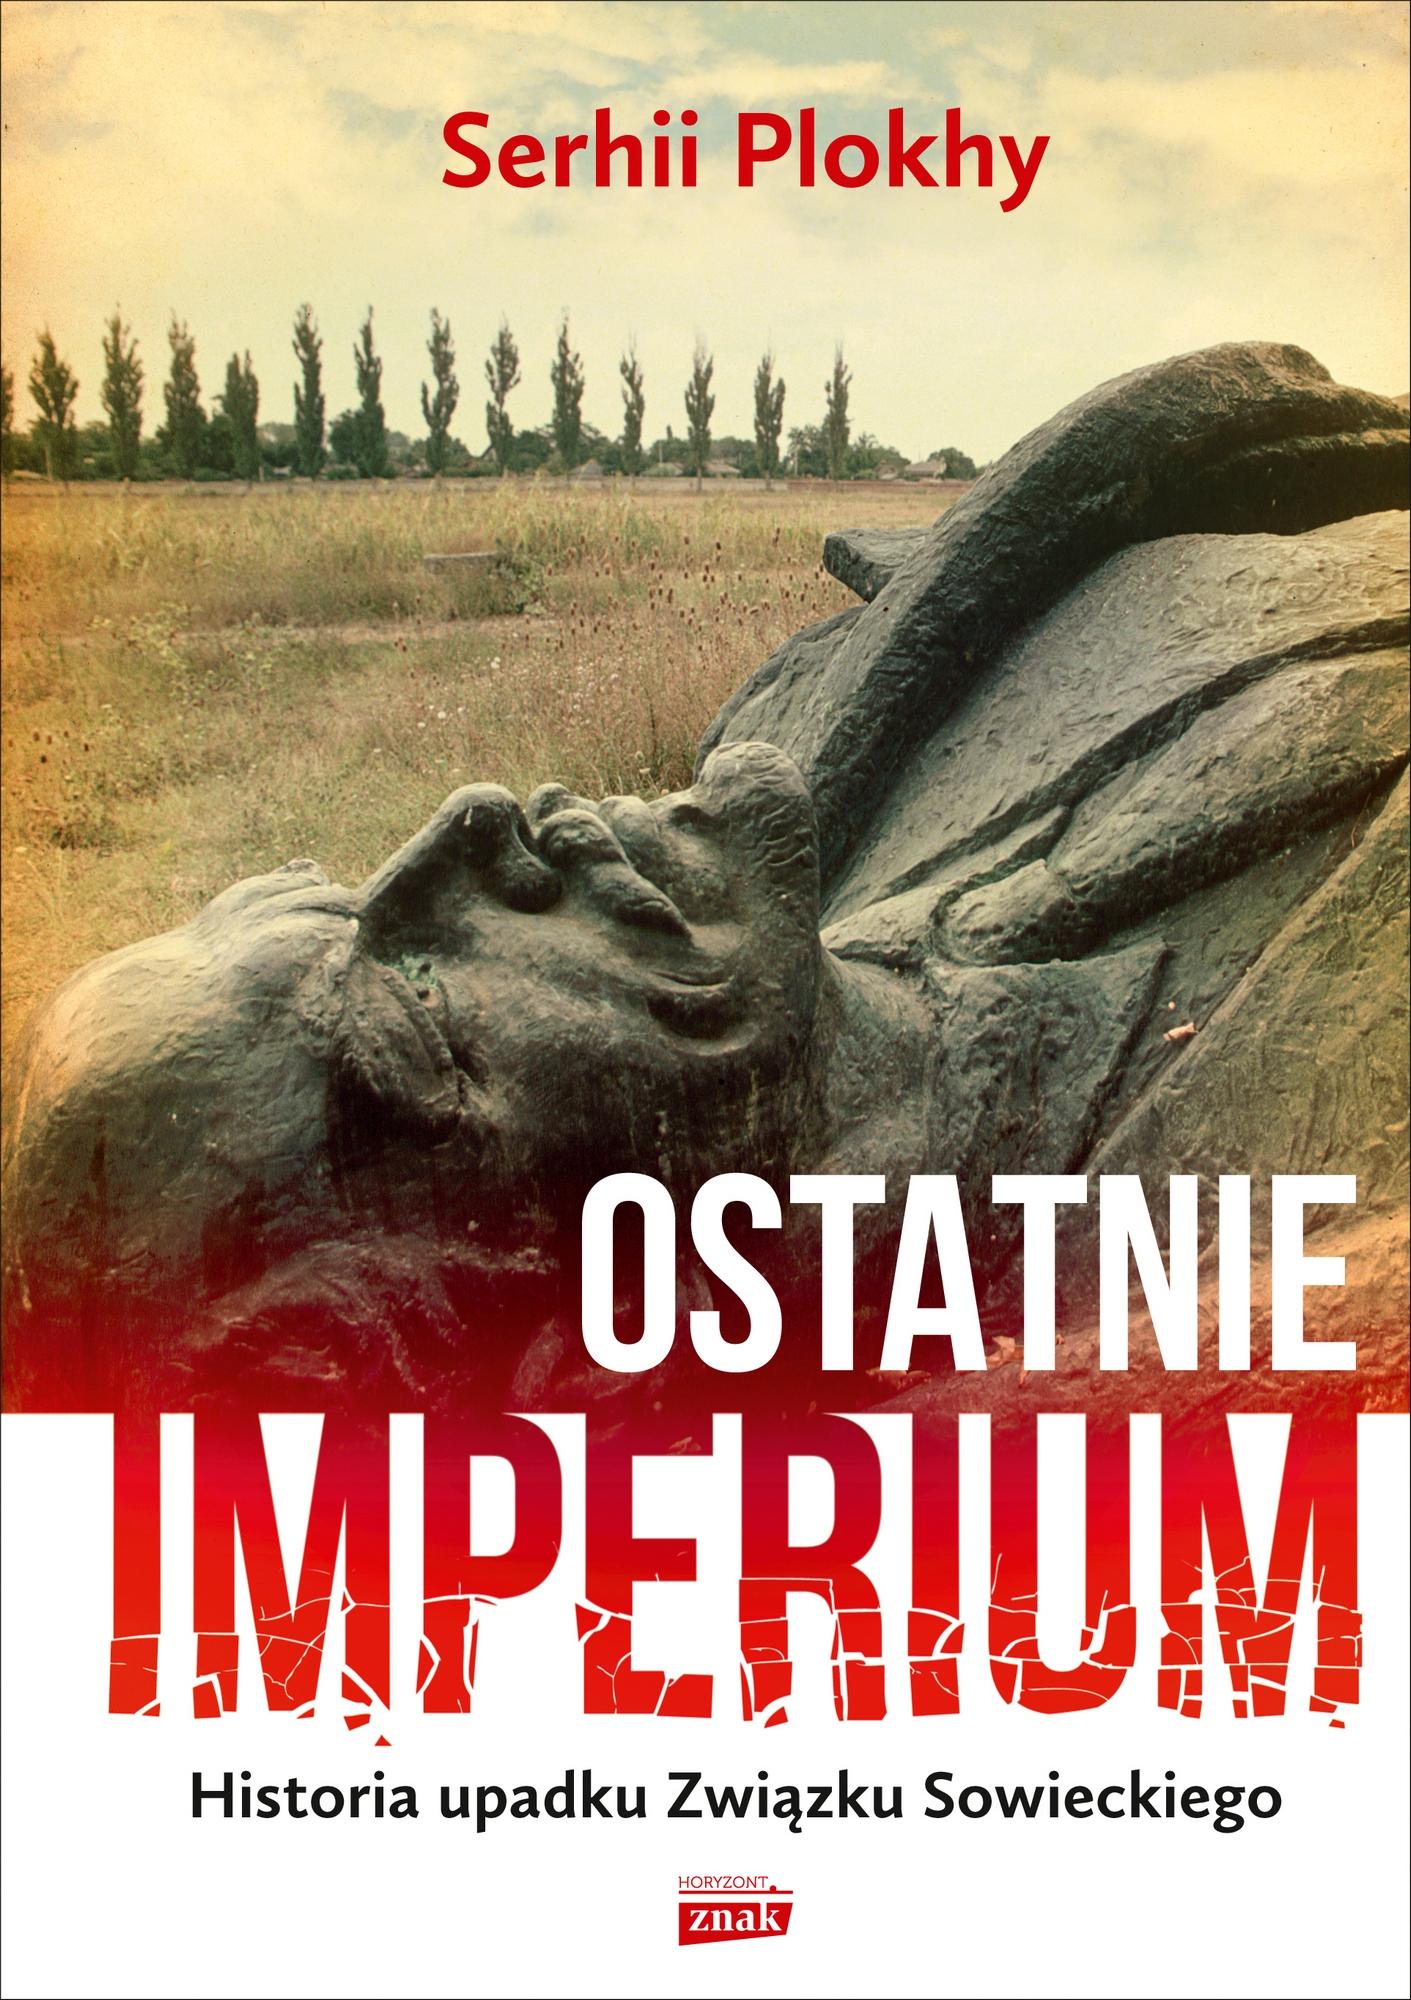 """Serhii Plokhy, """"Ostatnie imperium"""" – okładka (źródło: materiały prasowe organizatora)"""